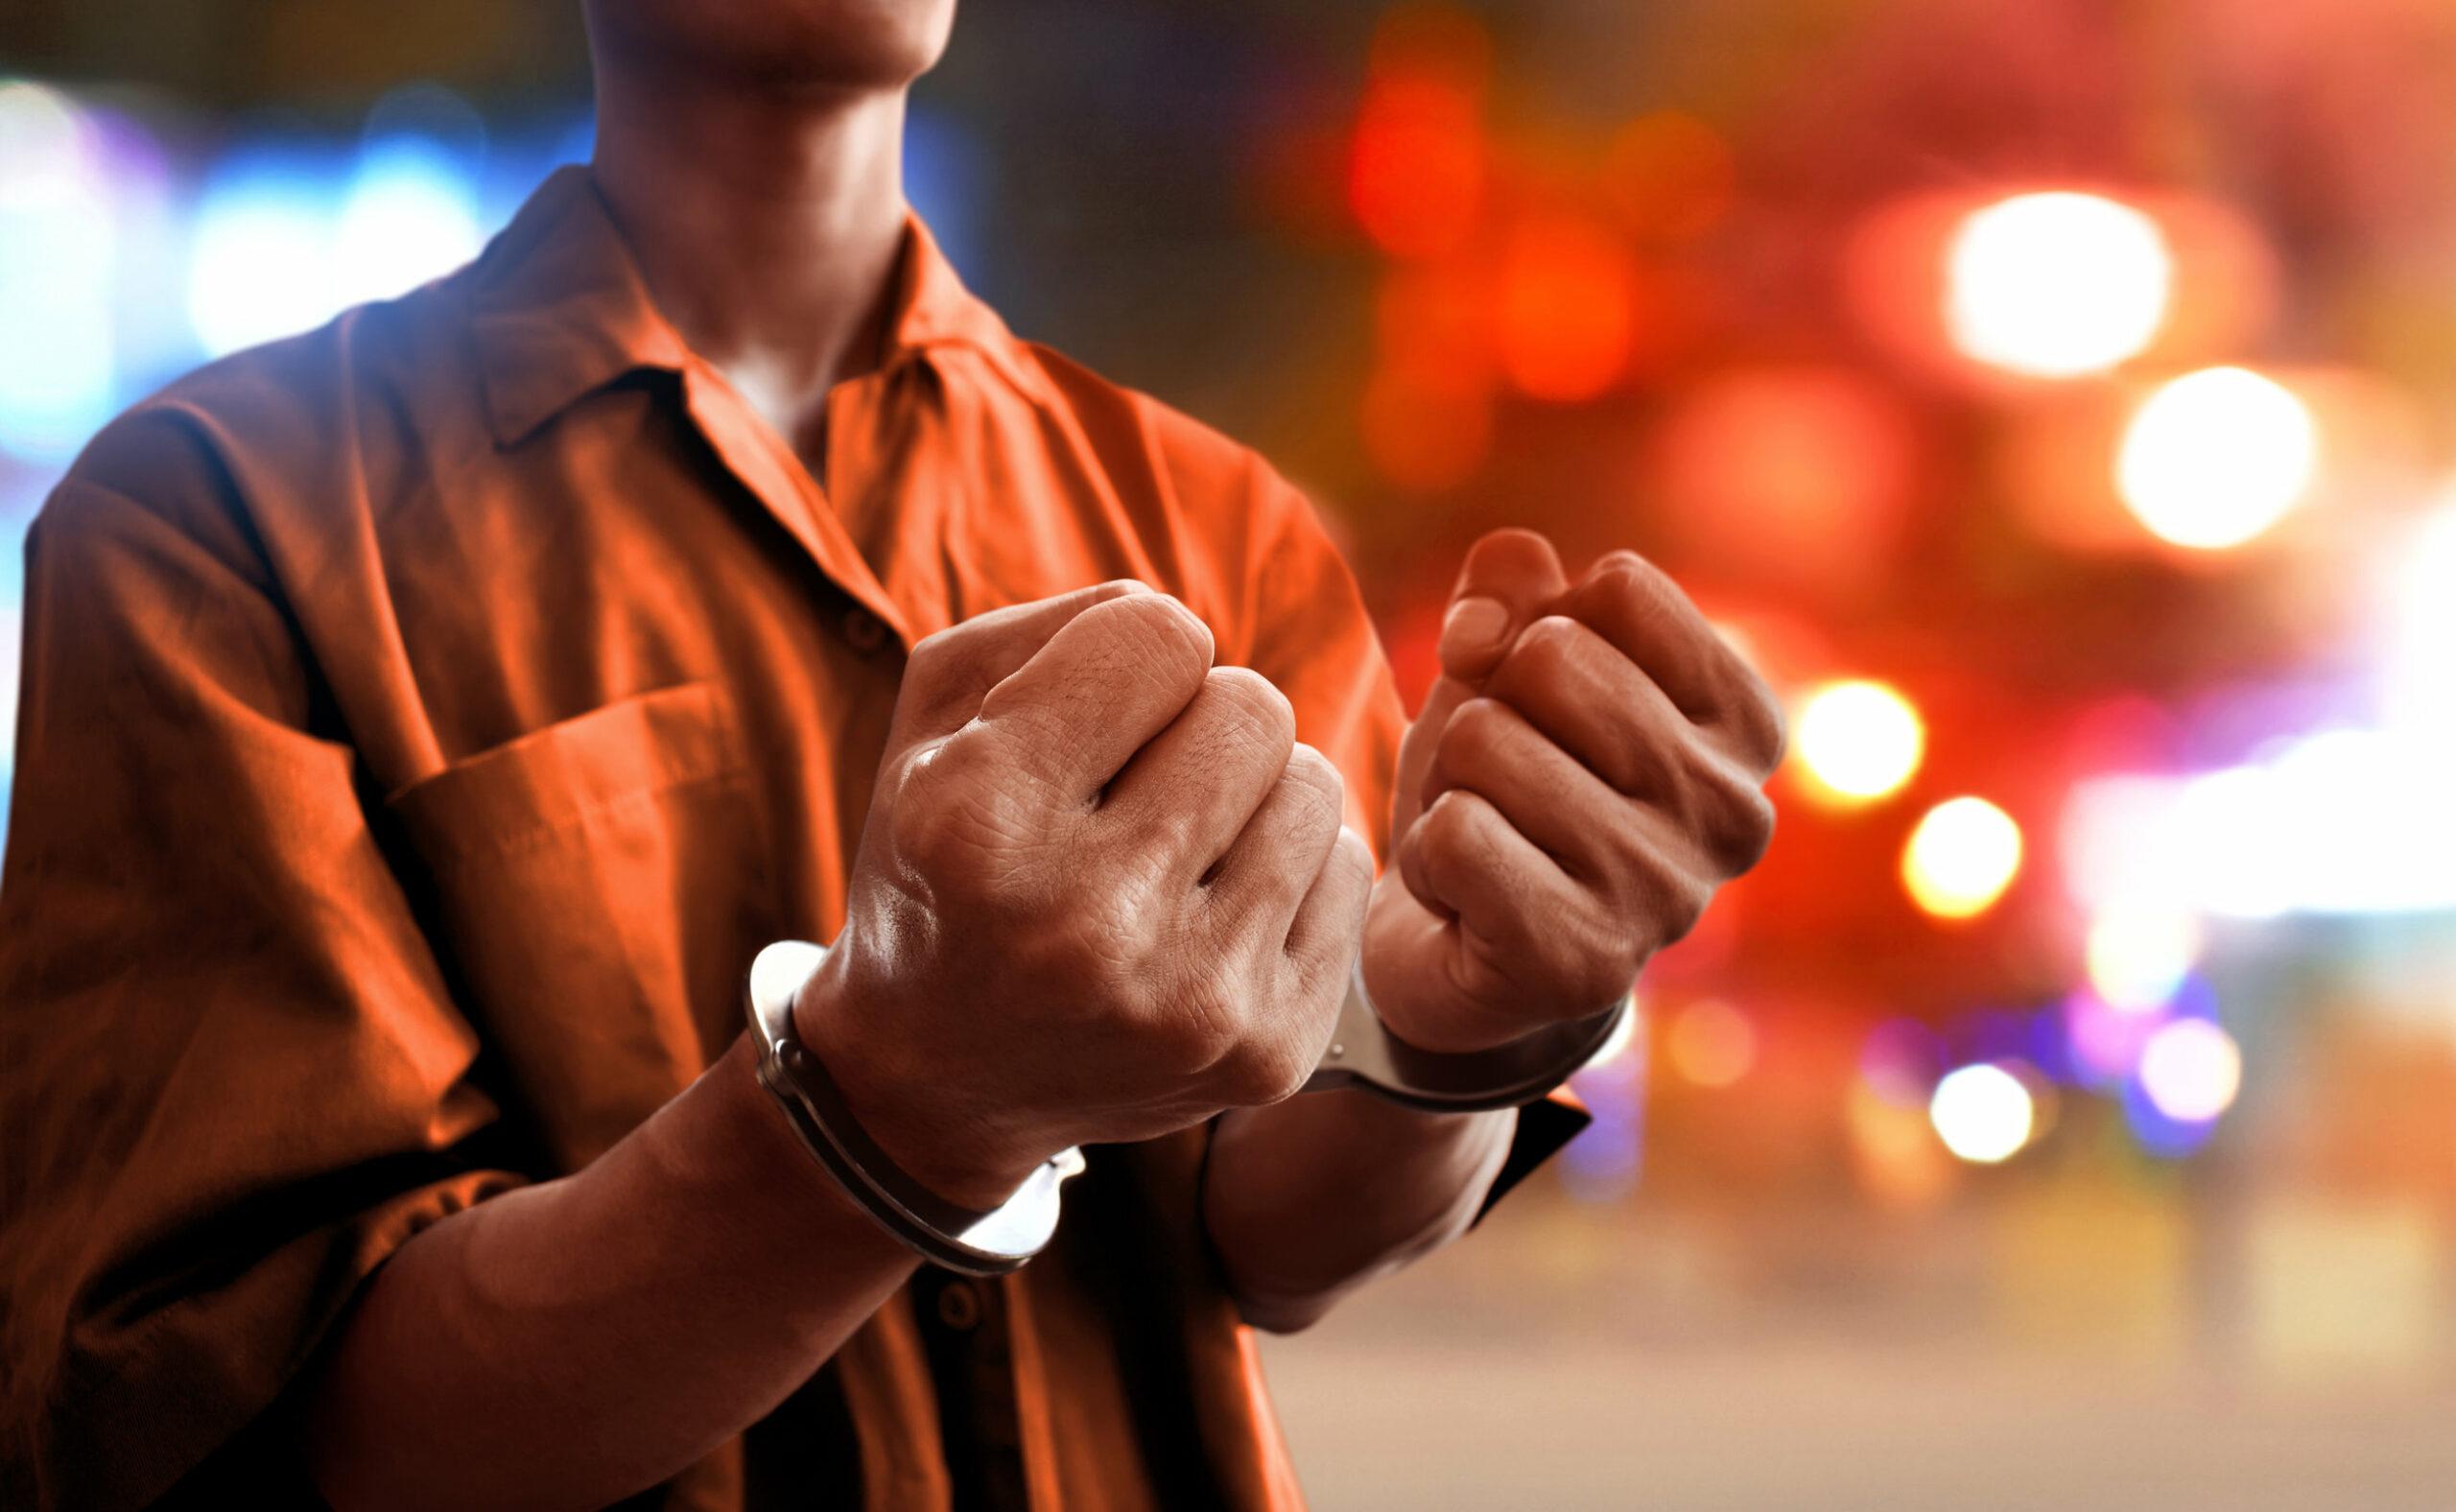 imagen de una persona esposada en la calle